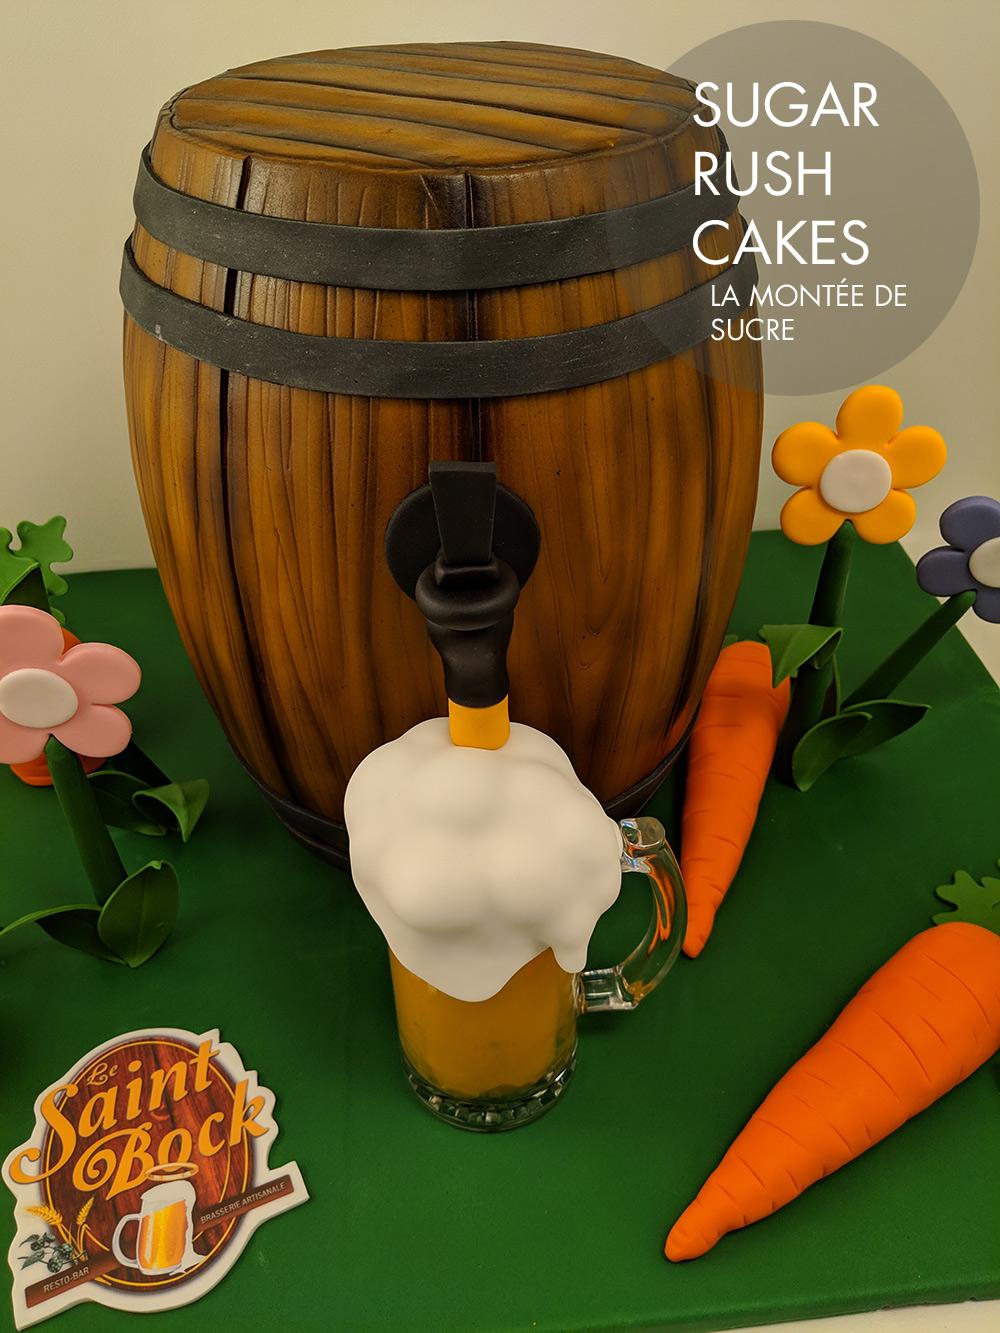 Le Saint Bock Beer Keg Cake